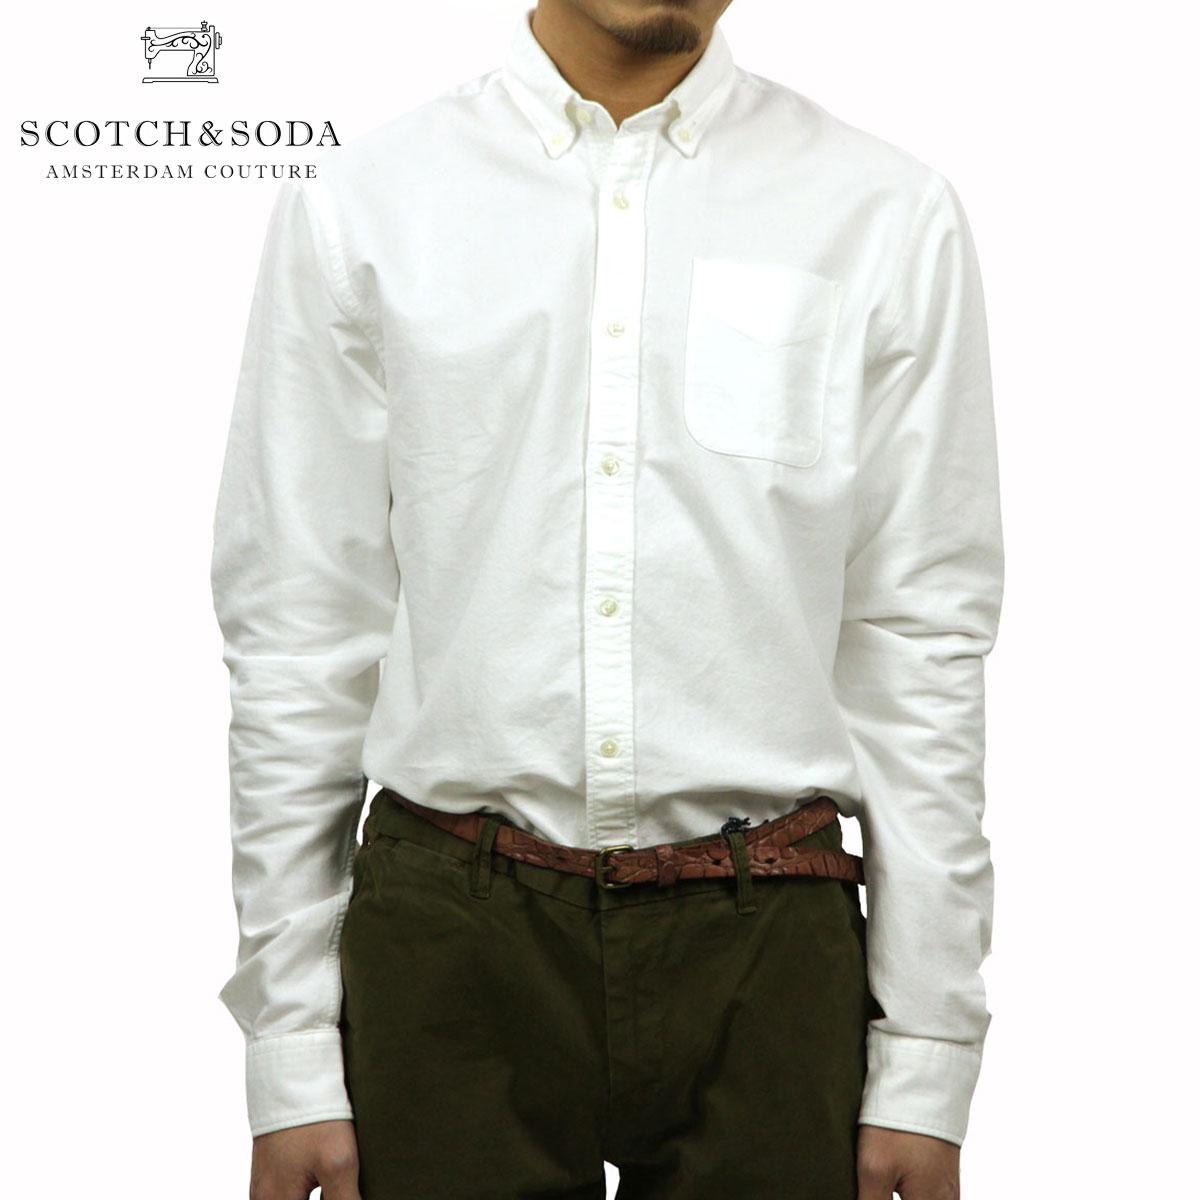 スコッチアンドソーダ SCOTCH&SODA 正規販売店 メンズ 長袖シャツ Classic shirt in rough oxford quality 101404 06 D00S20